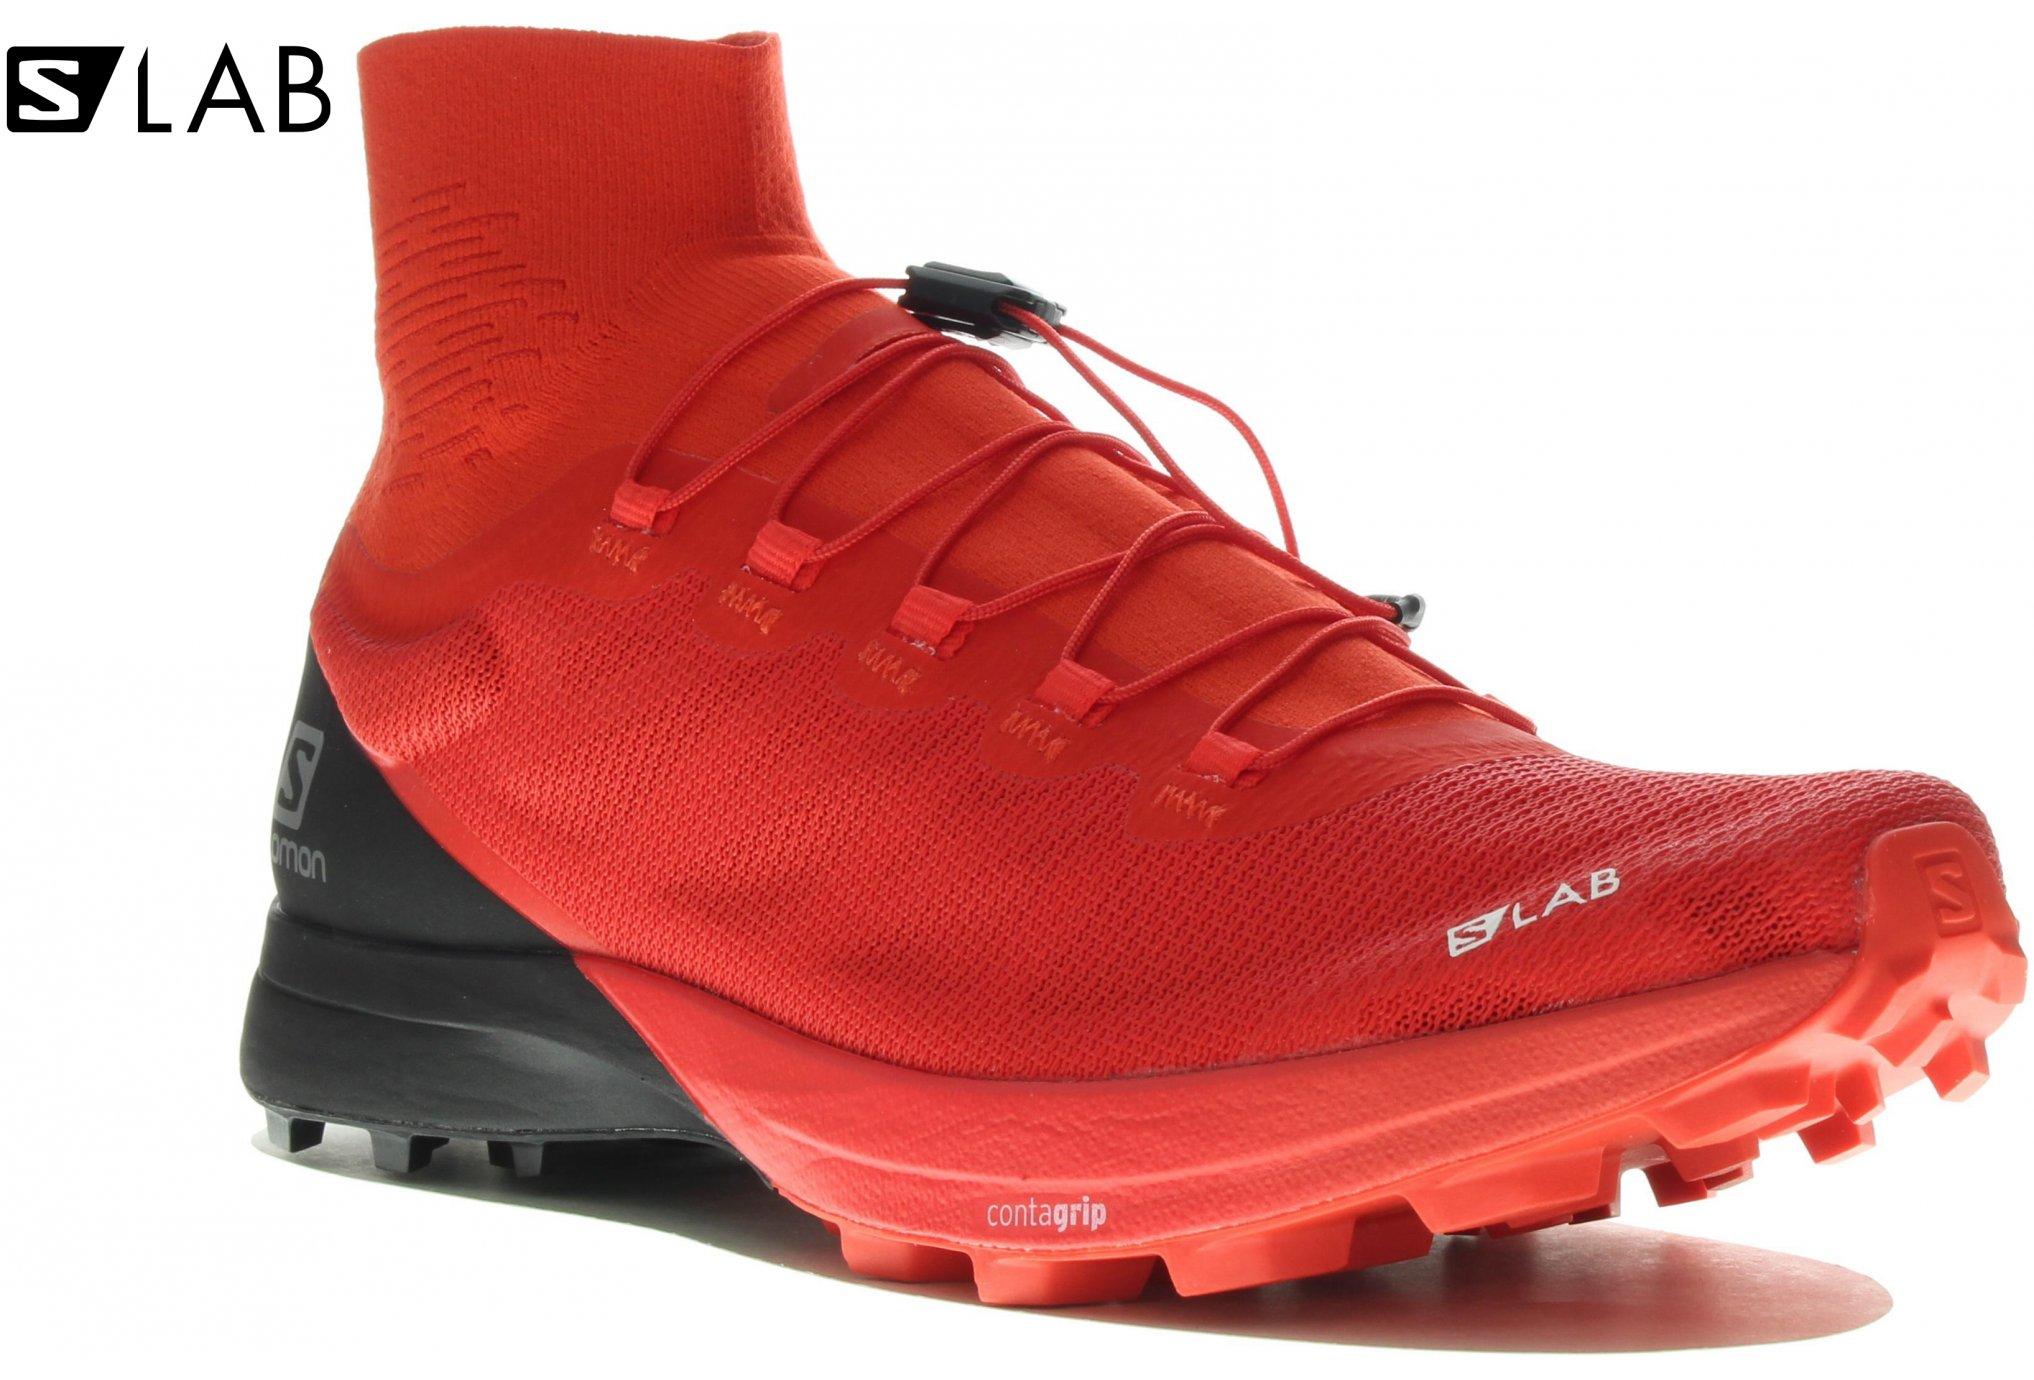 Salomon S-Lab Sense 8 SG W Chaussures running femme